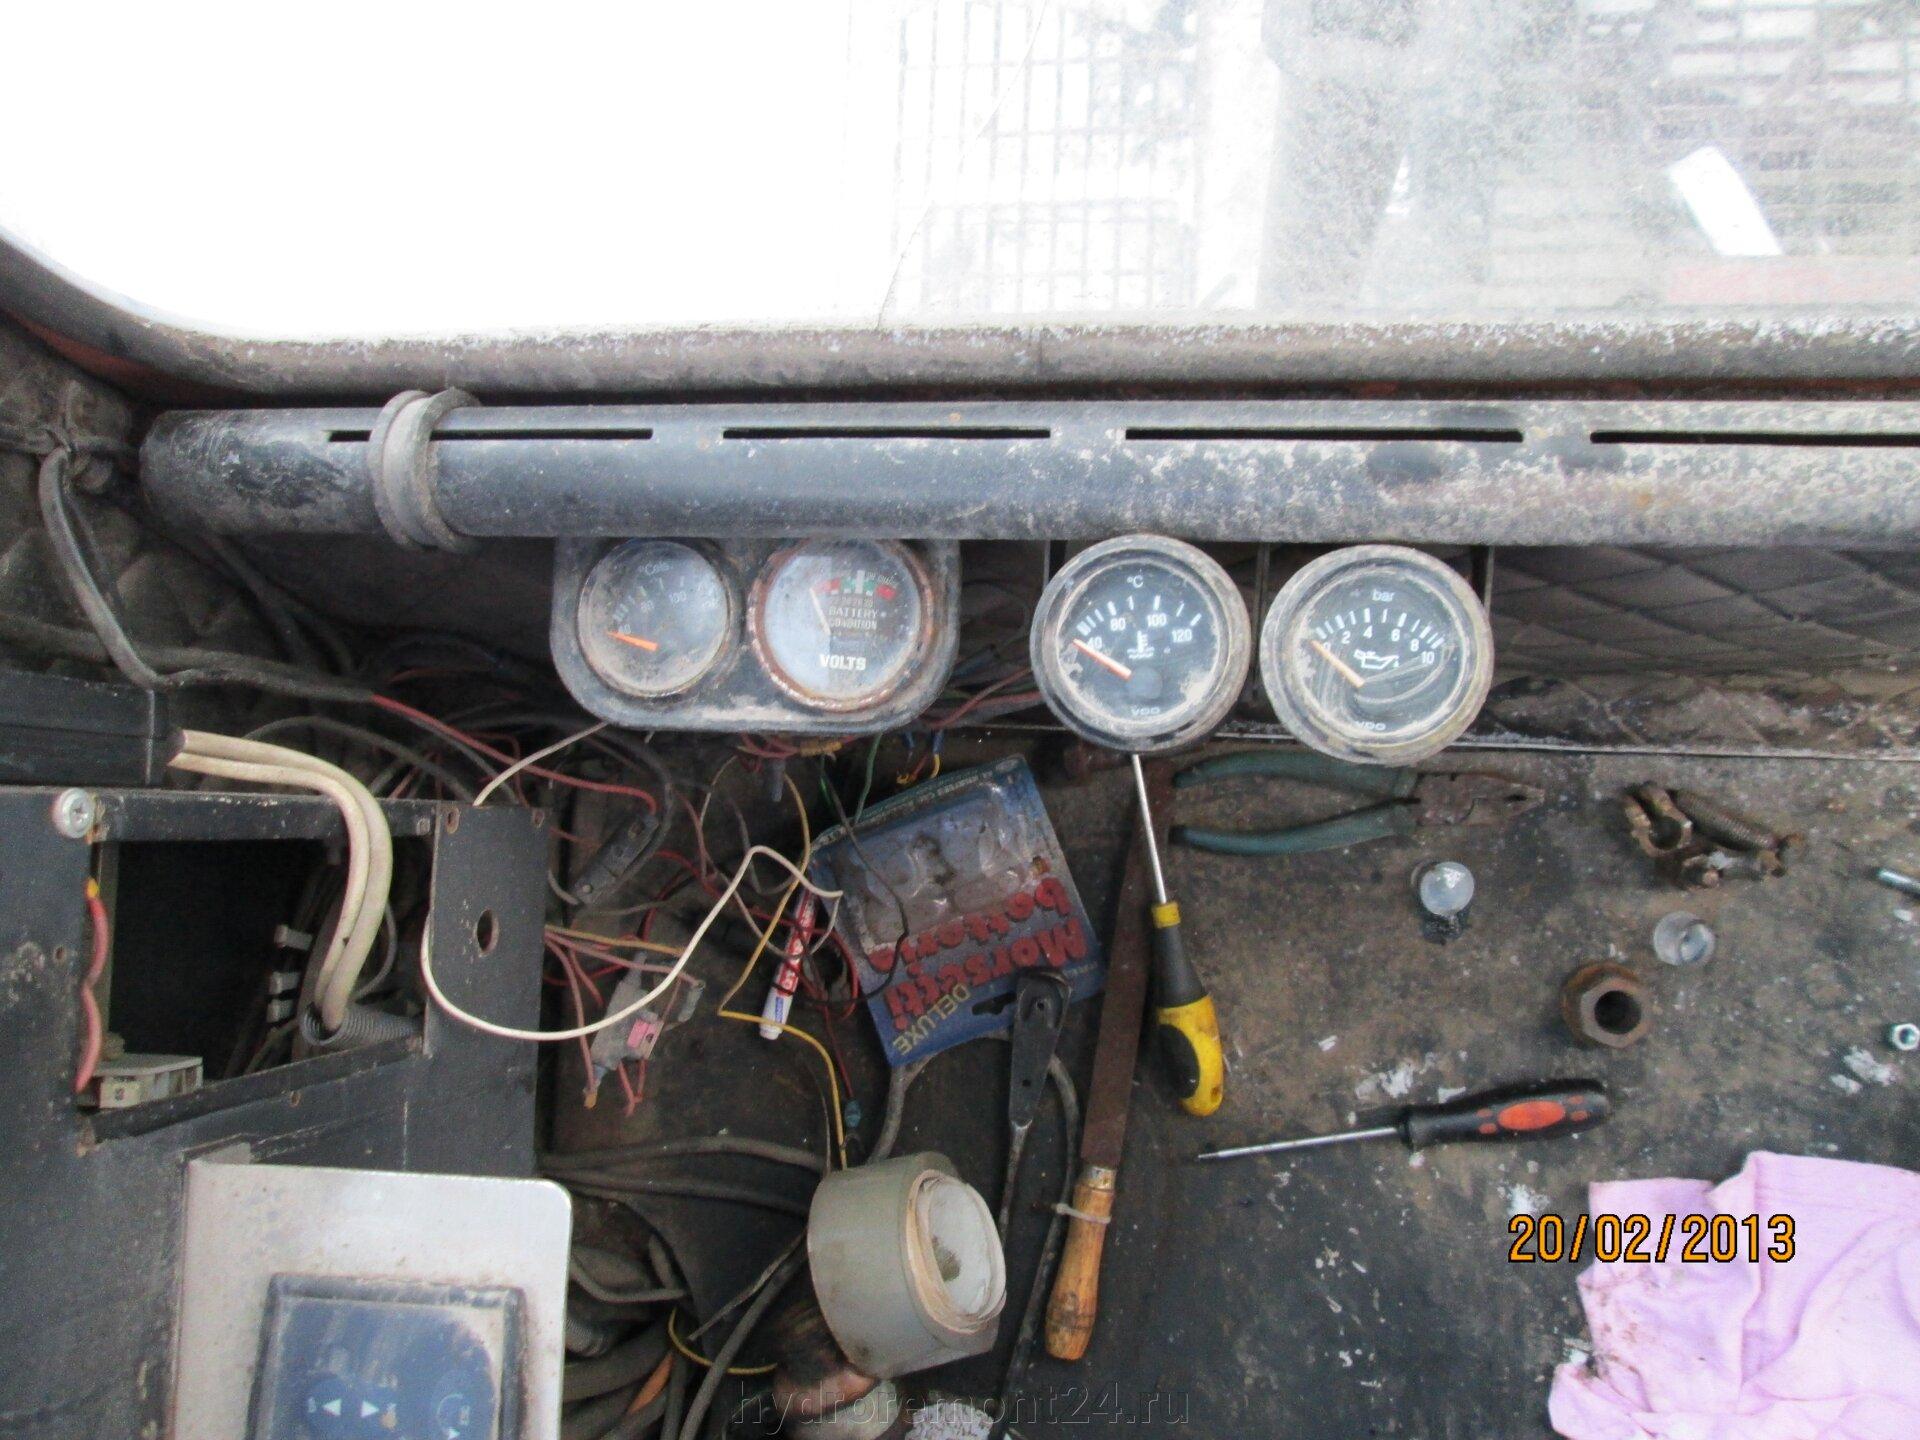 Ремонт двигателя экскаватора - фото pic_f60cd8726e301c5f905a5afa3650d973_1920x9000_1.jpg